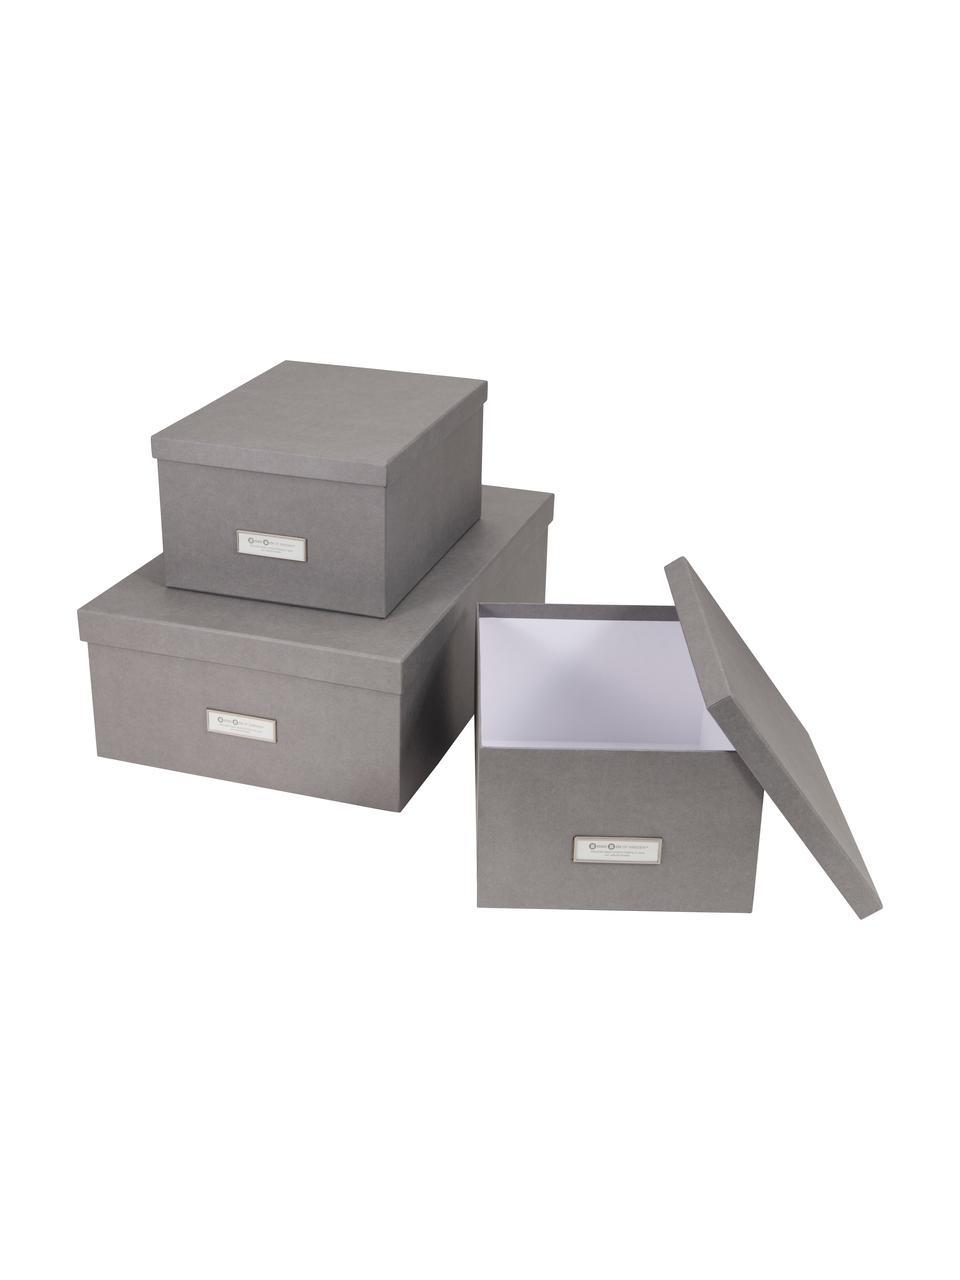 Aufbewahrungsboxen-Set Inge, 3-tlg., Box: Fester, laminierter Karto, Box außen: HellgrauBox innen: Weiß, Sondergrößen